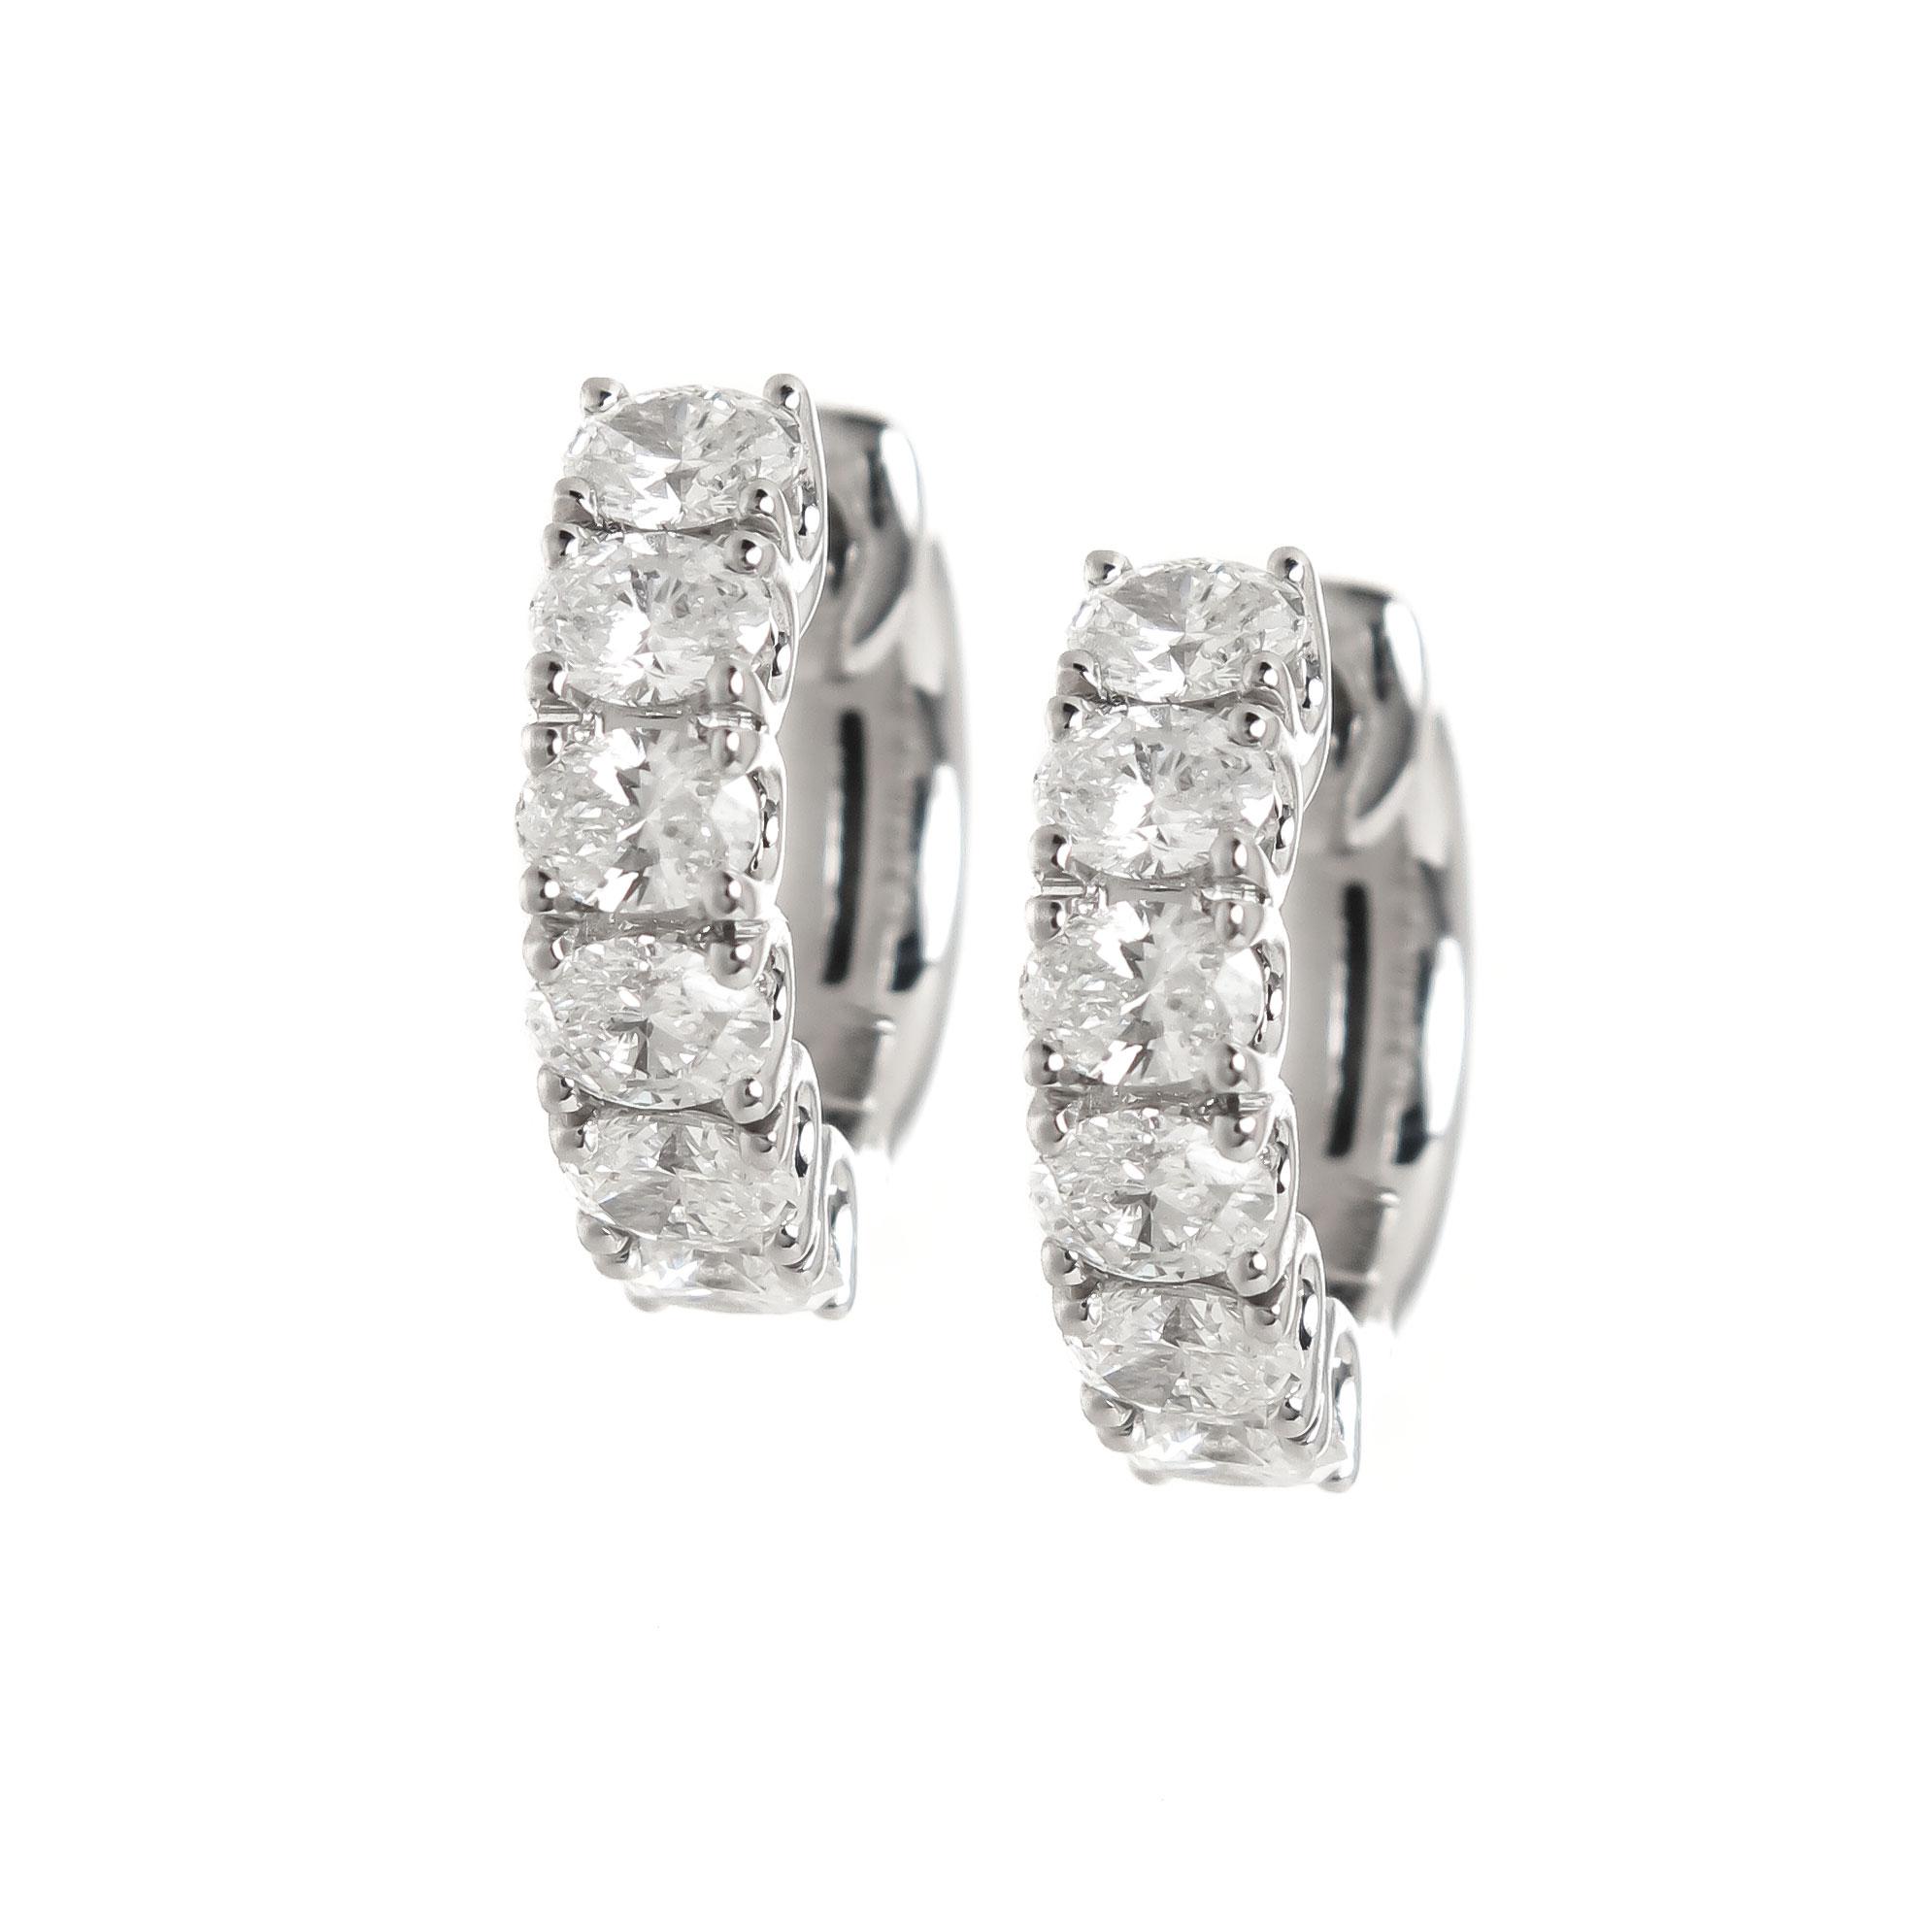 DH-dia-earrings-06272017-8.jpg